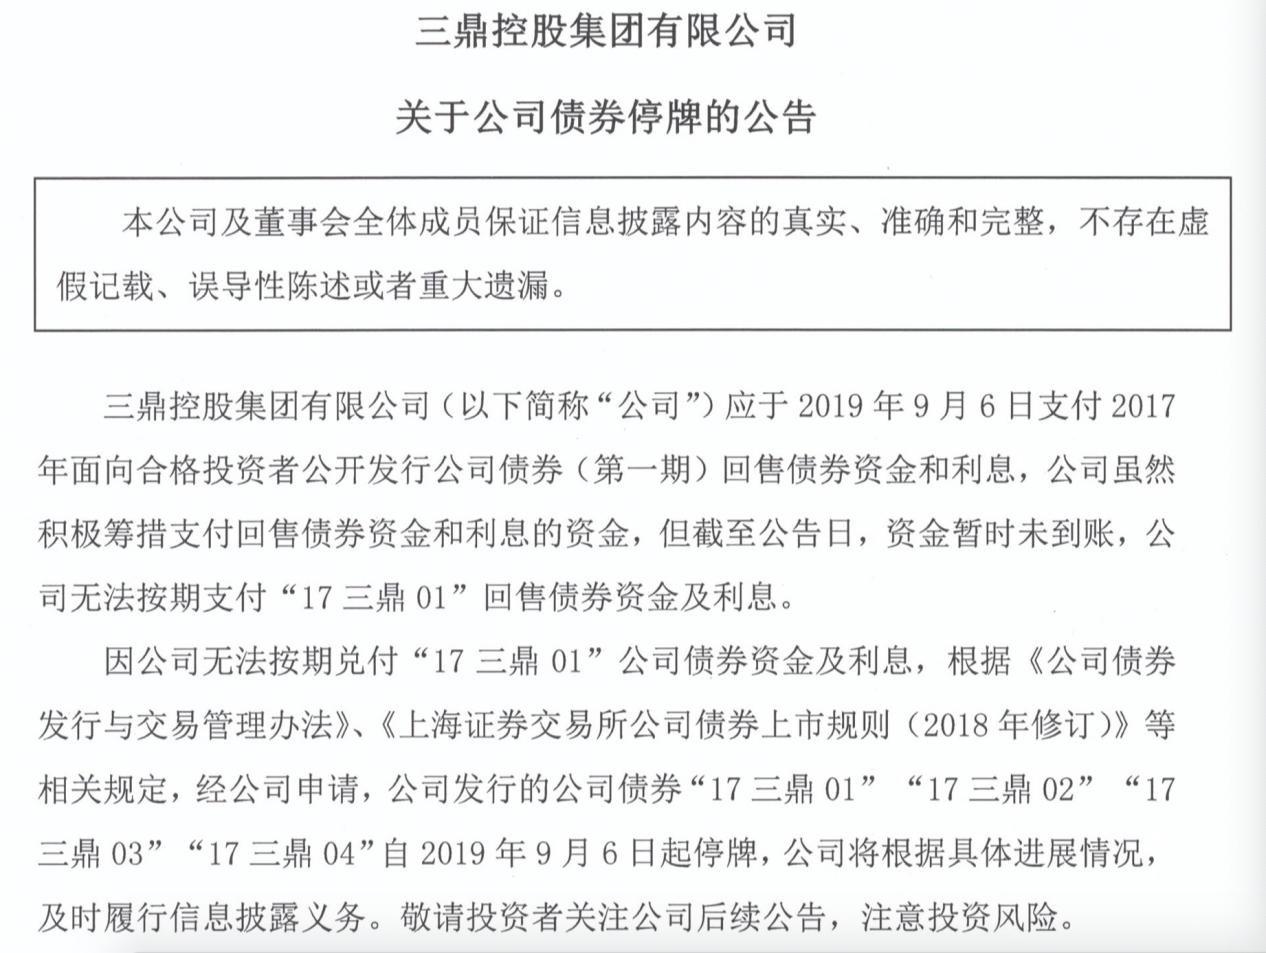 华鼎股份改为ST华鼎 三鼎控股占用近6亿资金